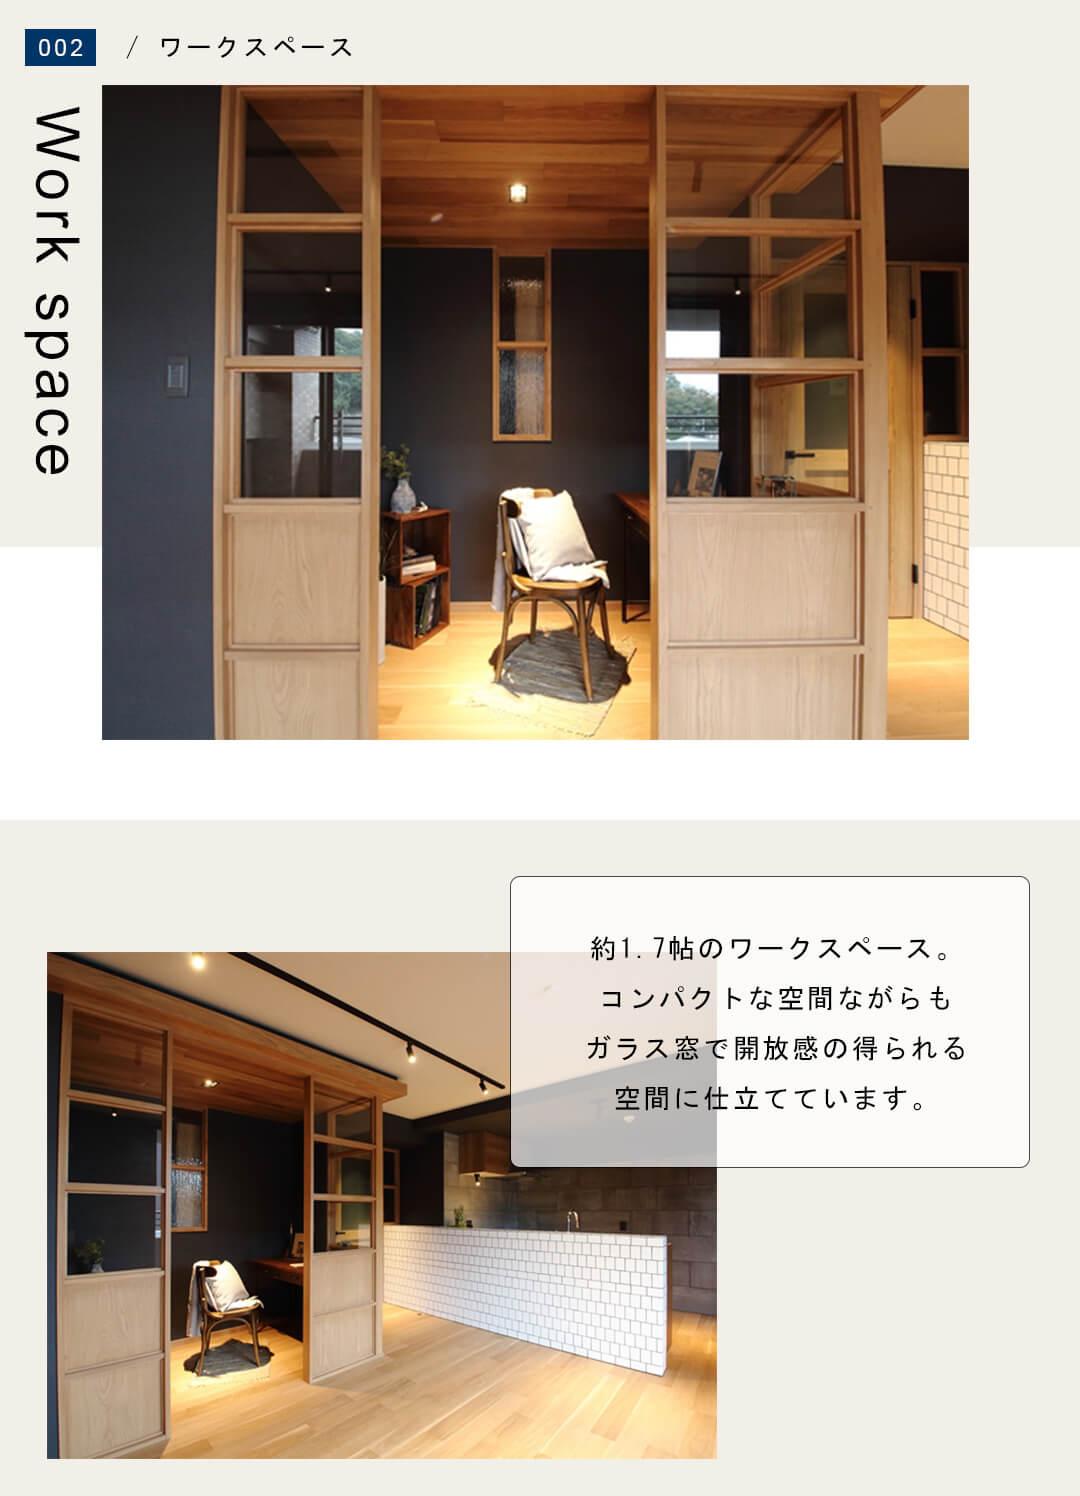 002ワークスペース,work space